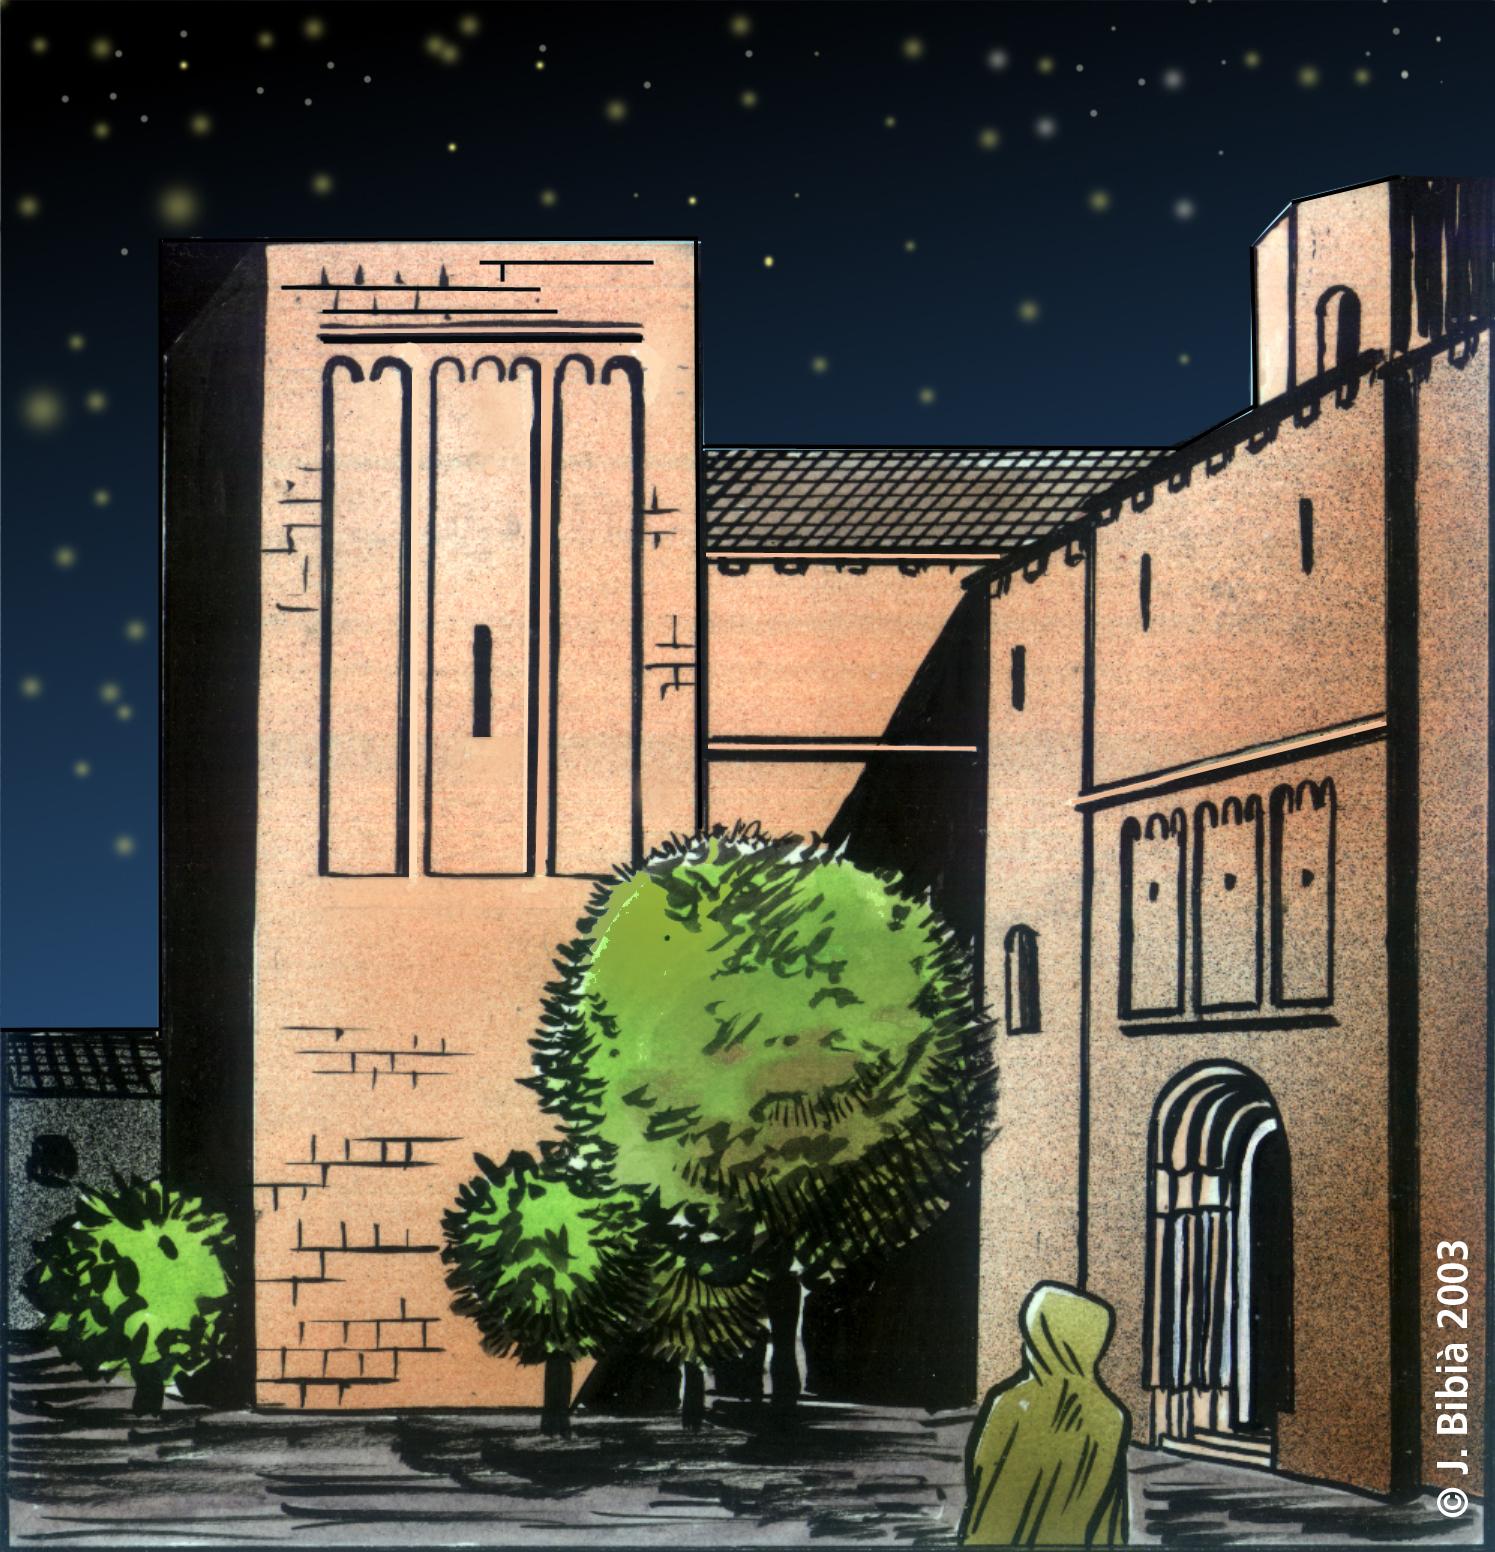 18.08.1998 La Seu d'Urgell. Vinyeta del projecte en còmic 'Cercamón'.  La Seu d'Urgell -  Jordi Bibià